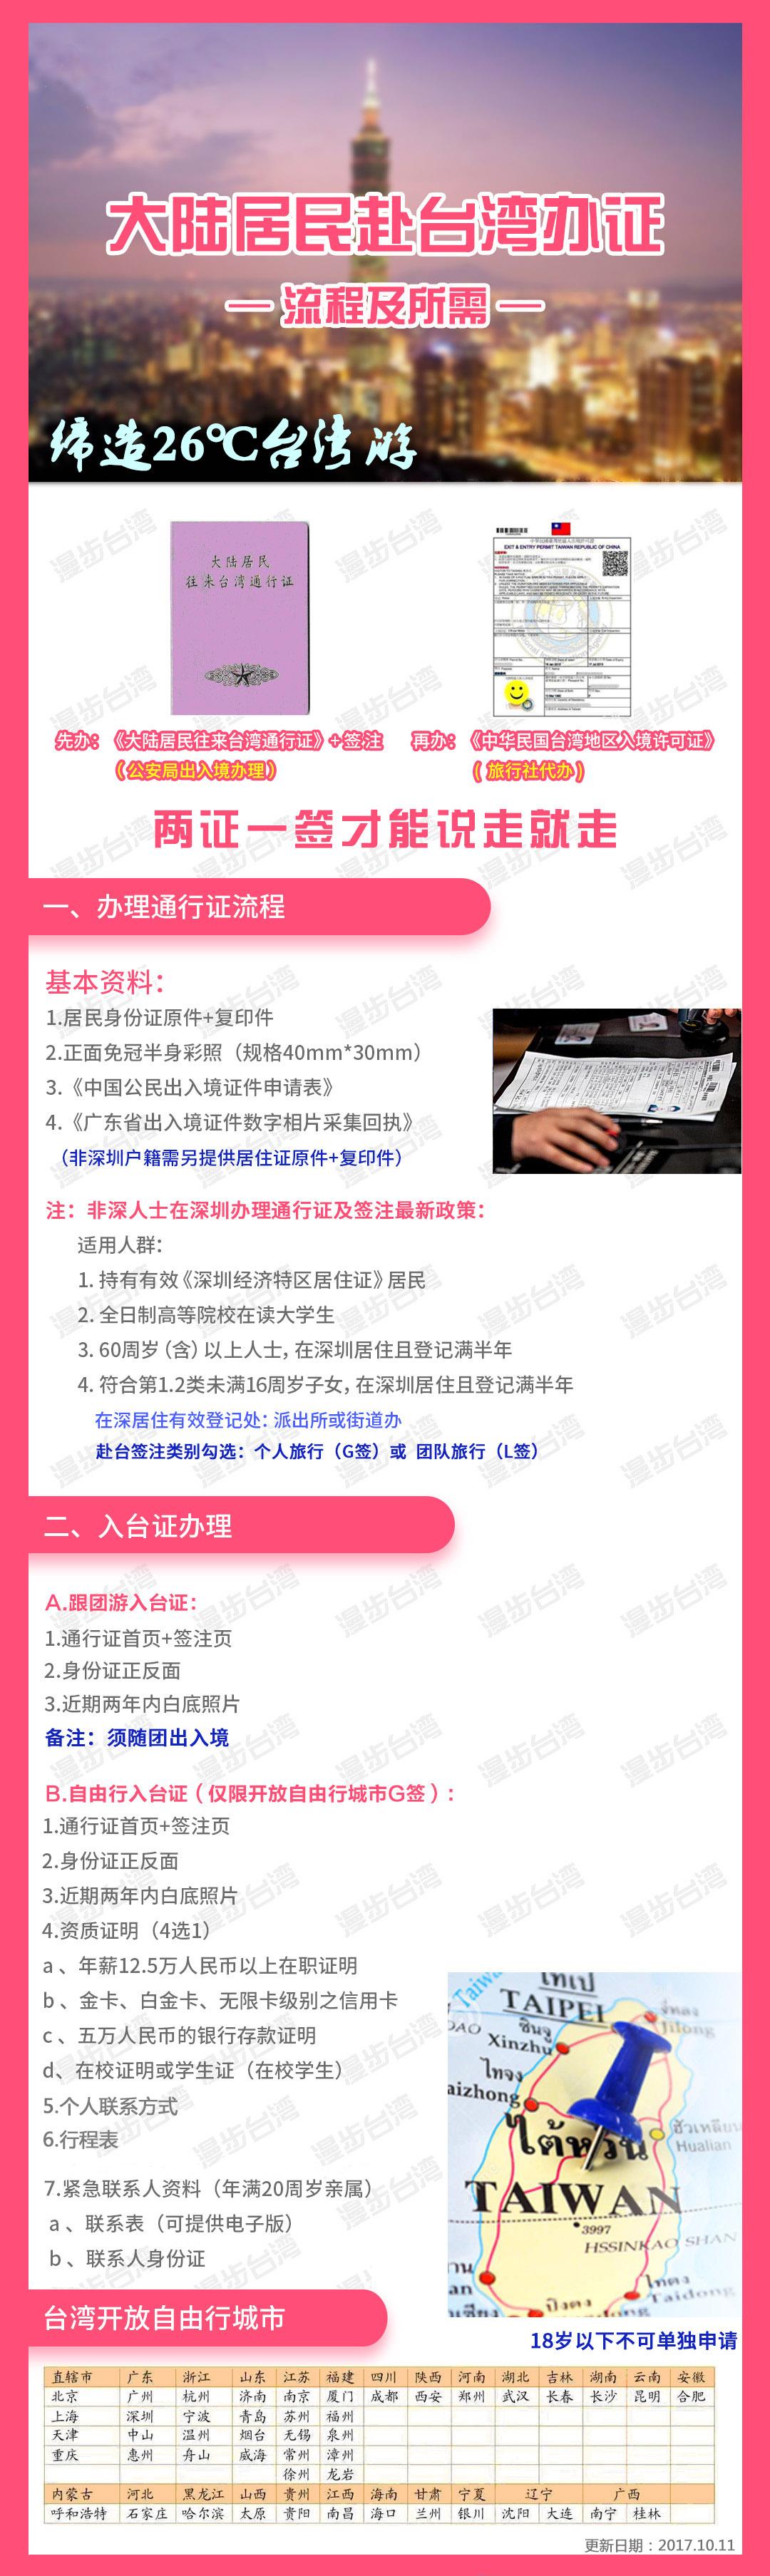 大陆居民赴台湾办证流程及所需171011-.jpg